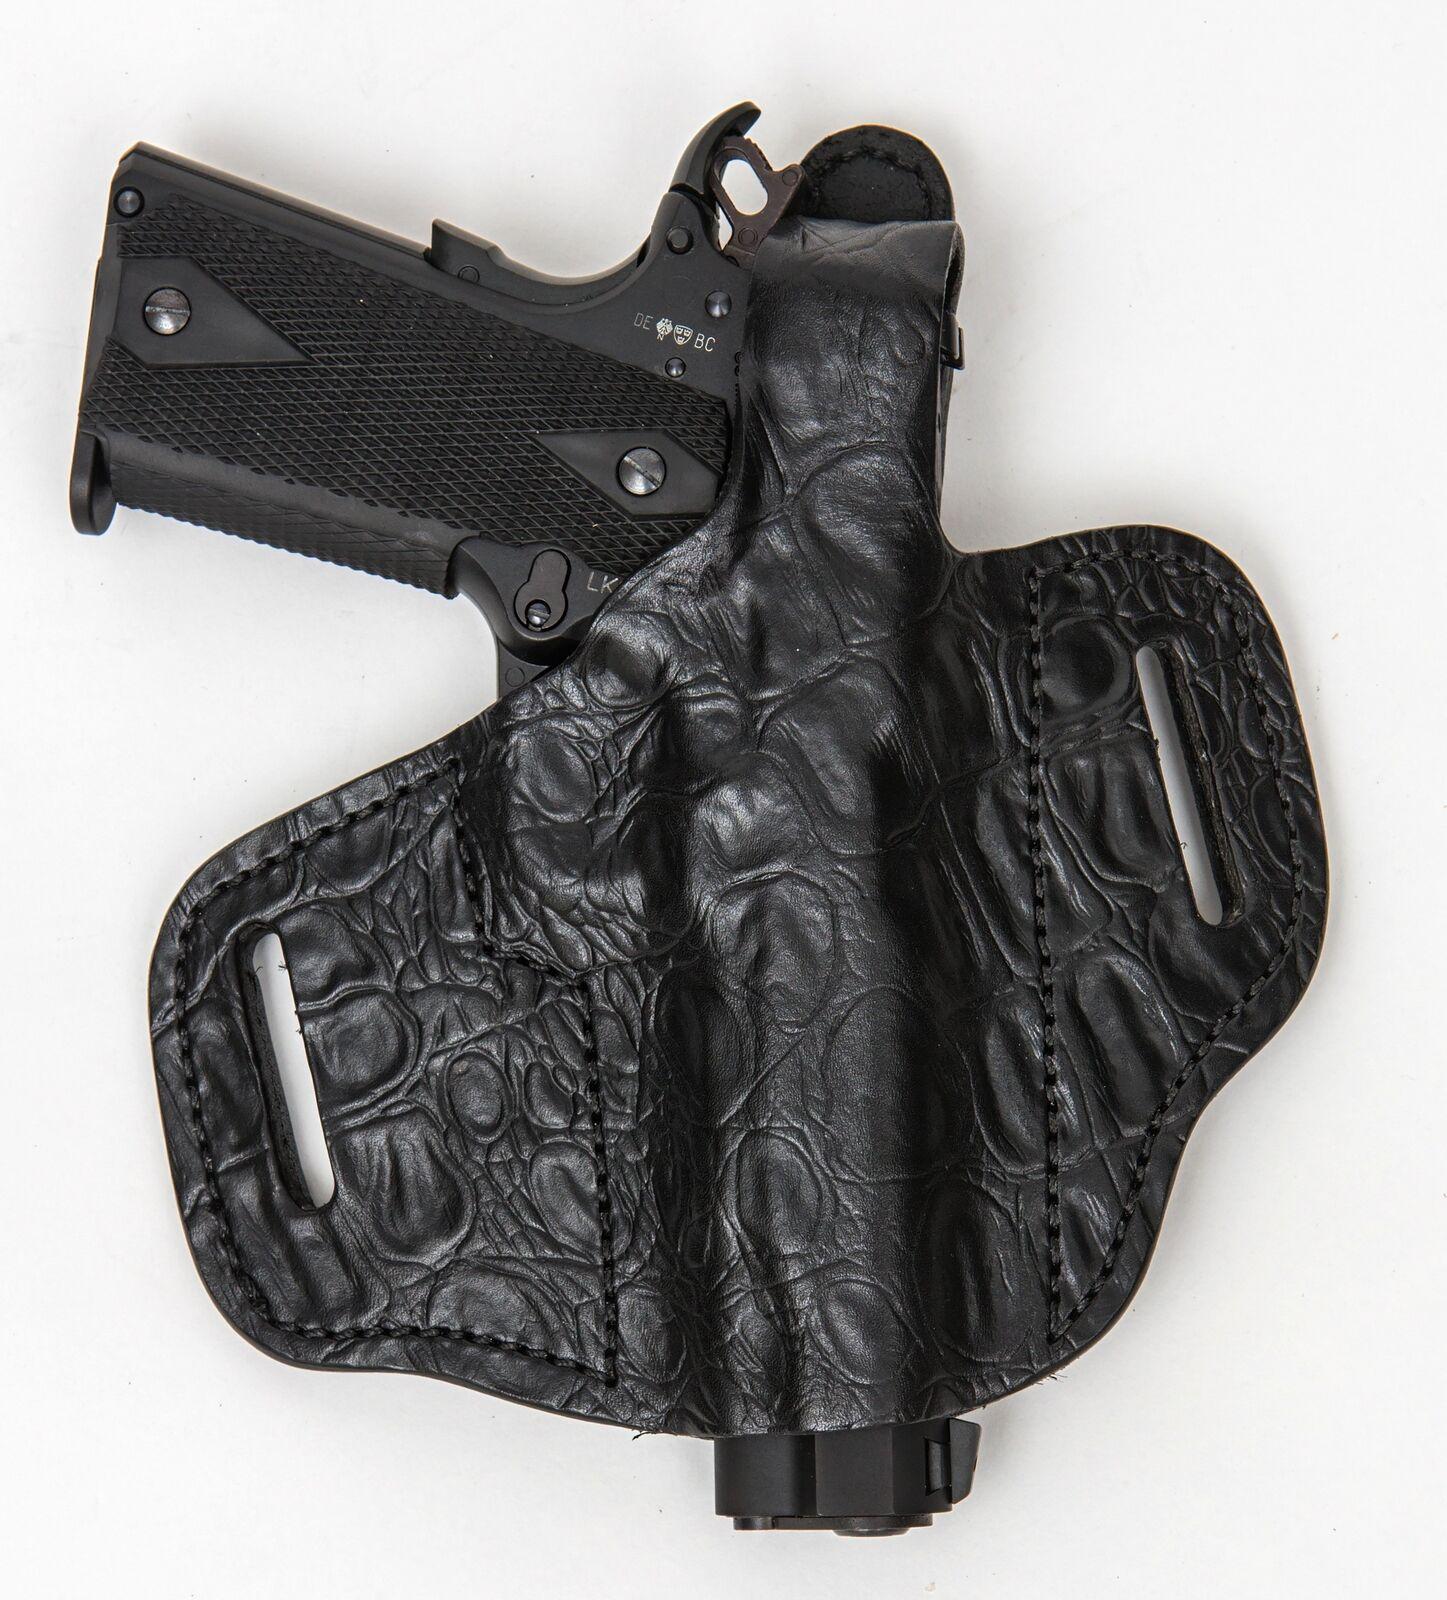 En servicio ocultar RH LH owb Cuero Funda Pistola Para Ruger SP101 3 in (approx. 7.62 cm)